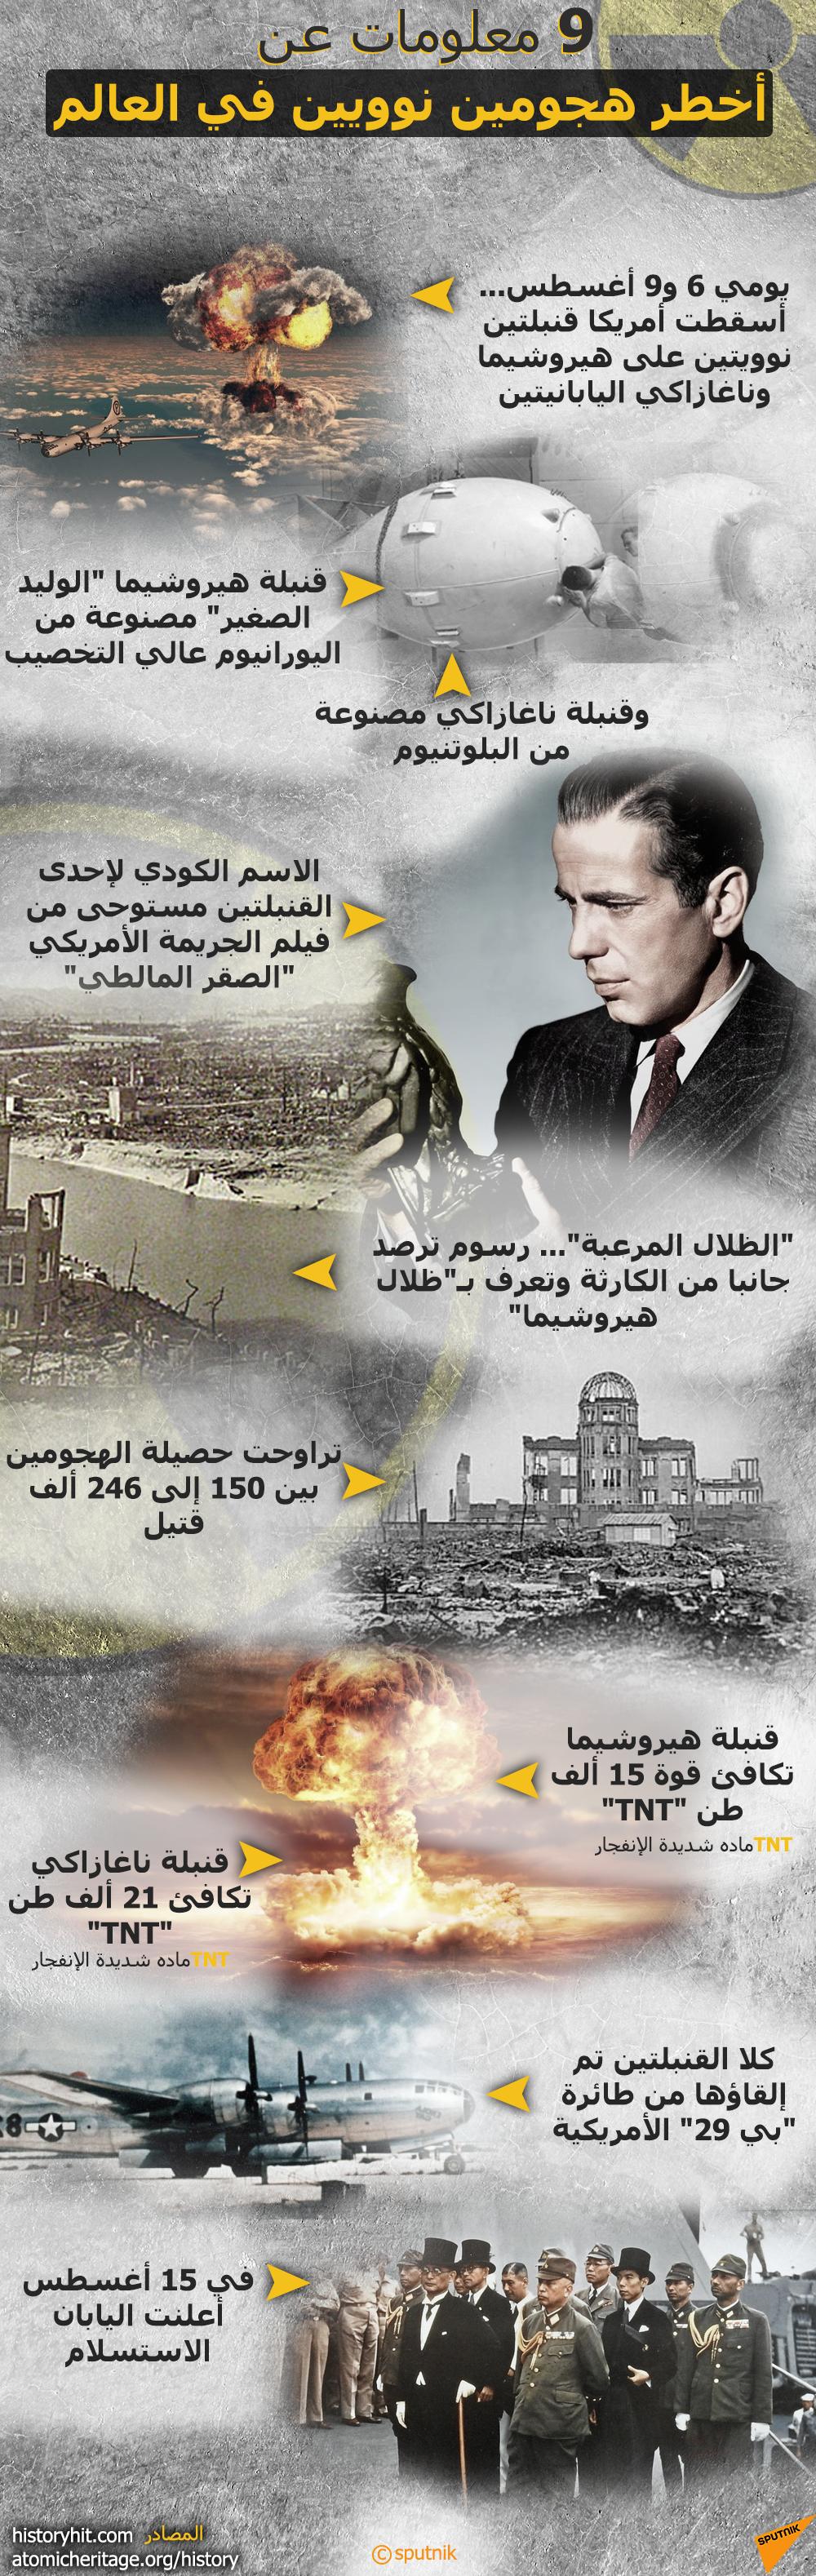 إنفوجرافيك - 9 معلومات عن أخطر هجومين نوويين في العالم